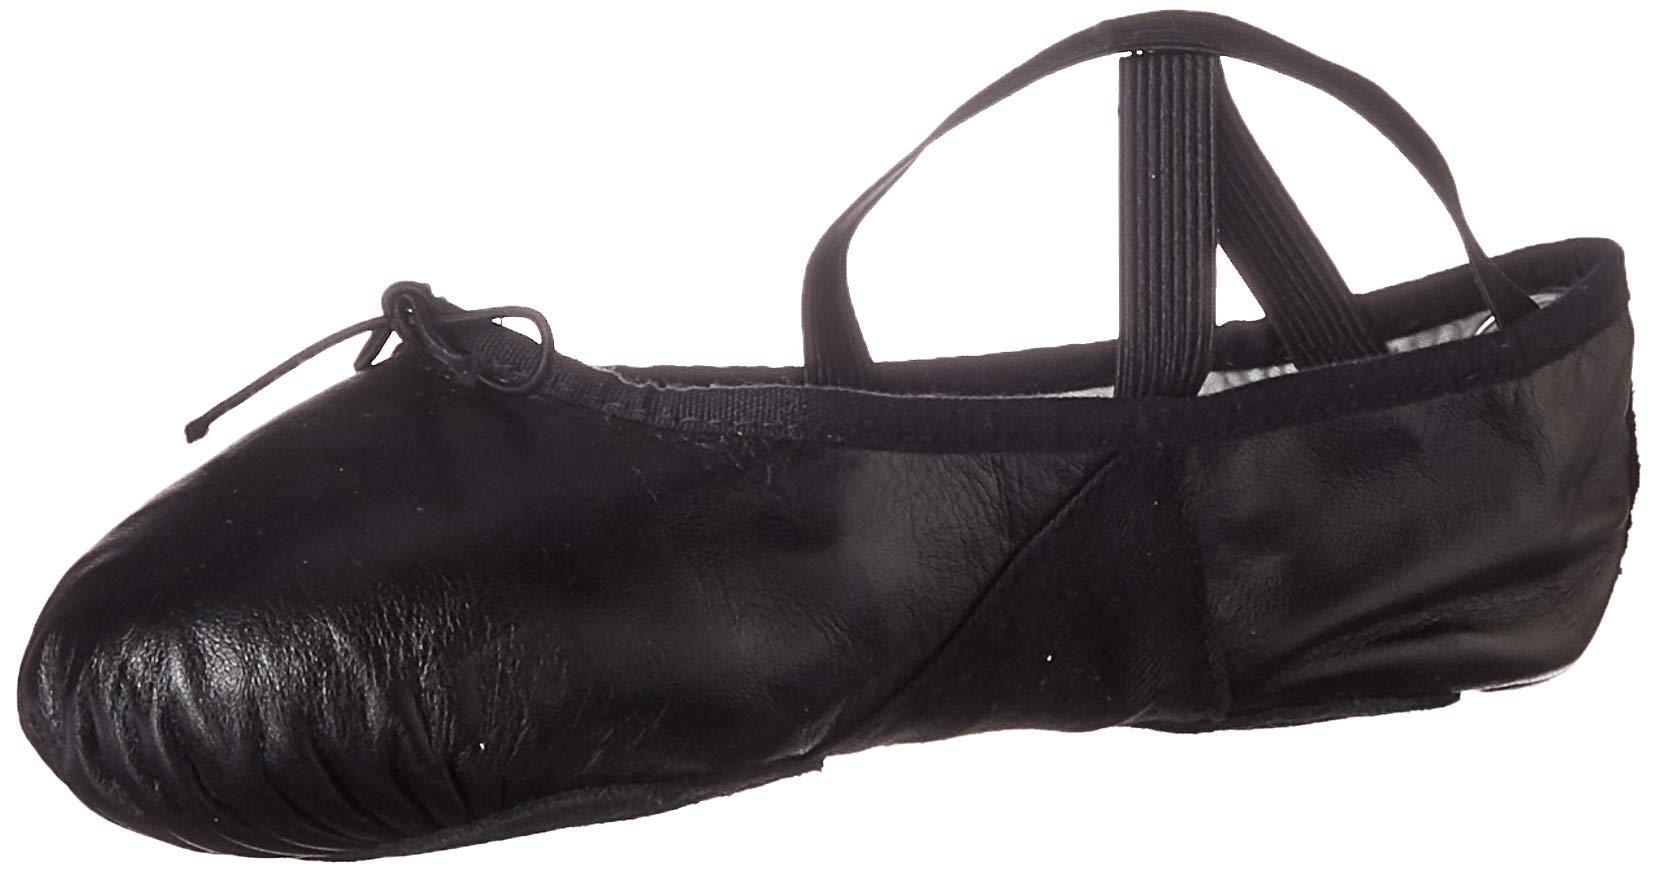 Bloch Women's Prolite II Hybrid S0203L, Black, 6 Narrow by Bloch